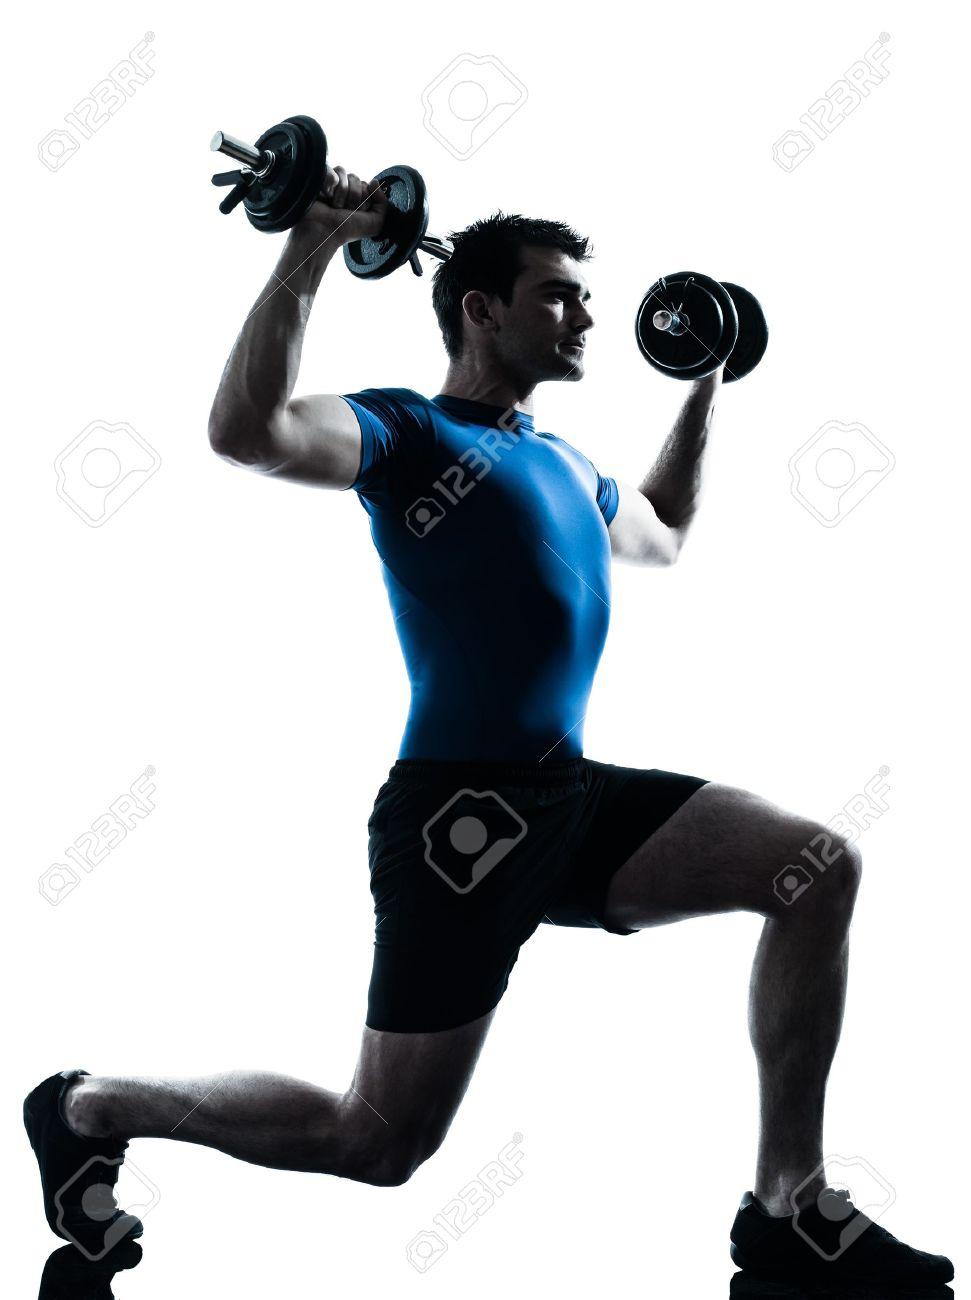 un hombre caucásico ejercicio de entrenamiento con pesas ejercicios